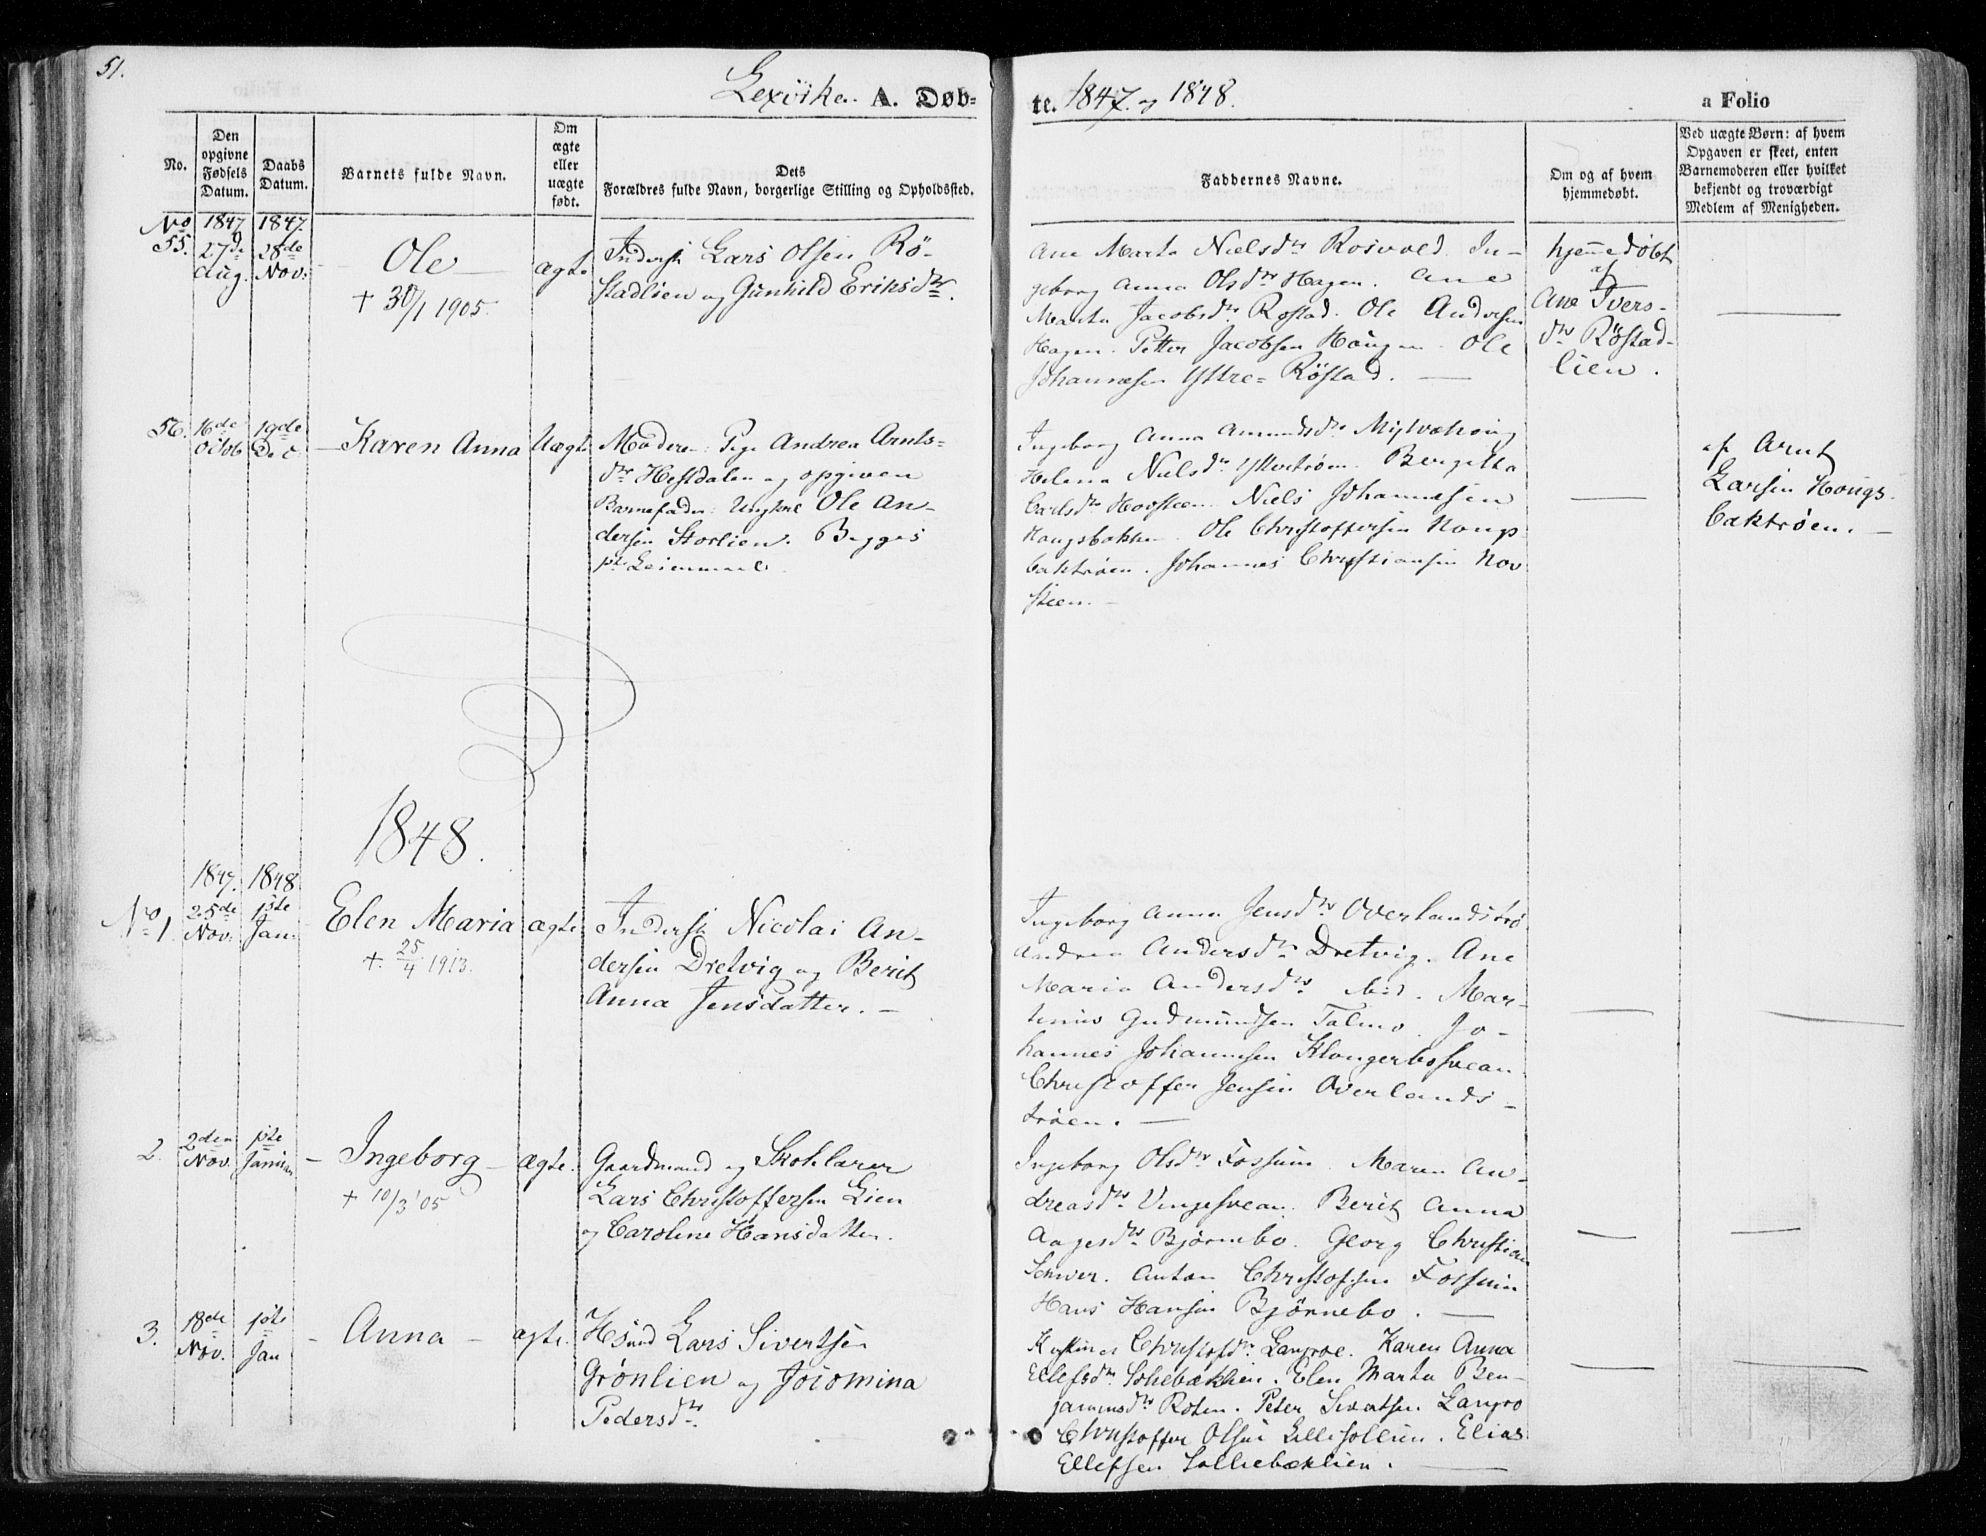 SAT, Ministerialprotokoller, klokkerbøker og fødselsregistre - Nord-Trøndelag, 701/L0007: Ministerialbok nr. 701A07 /1, 1842-1854, s. 51